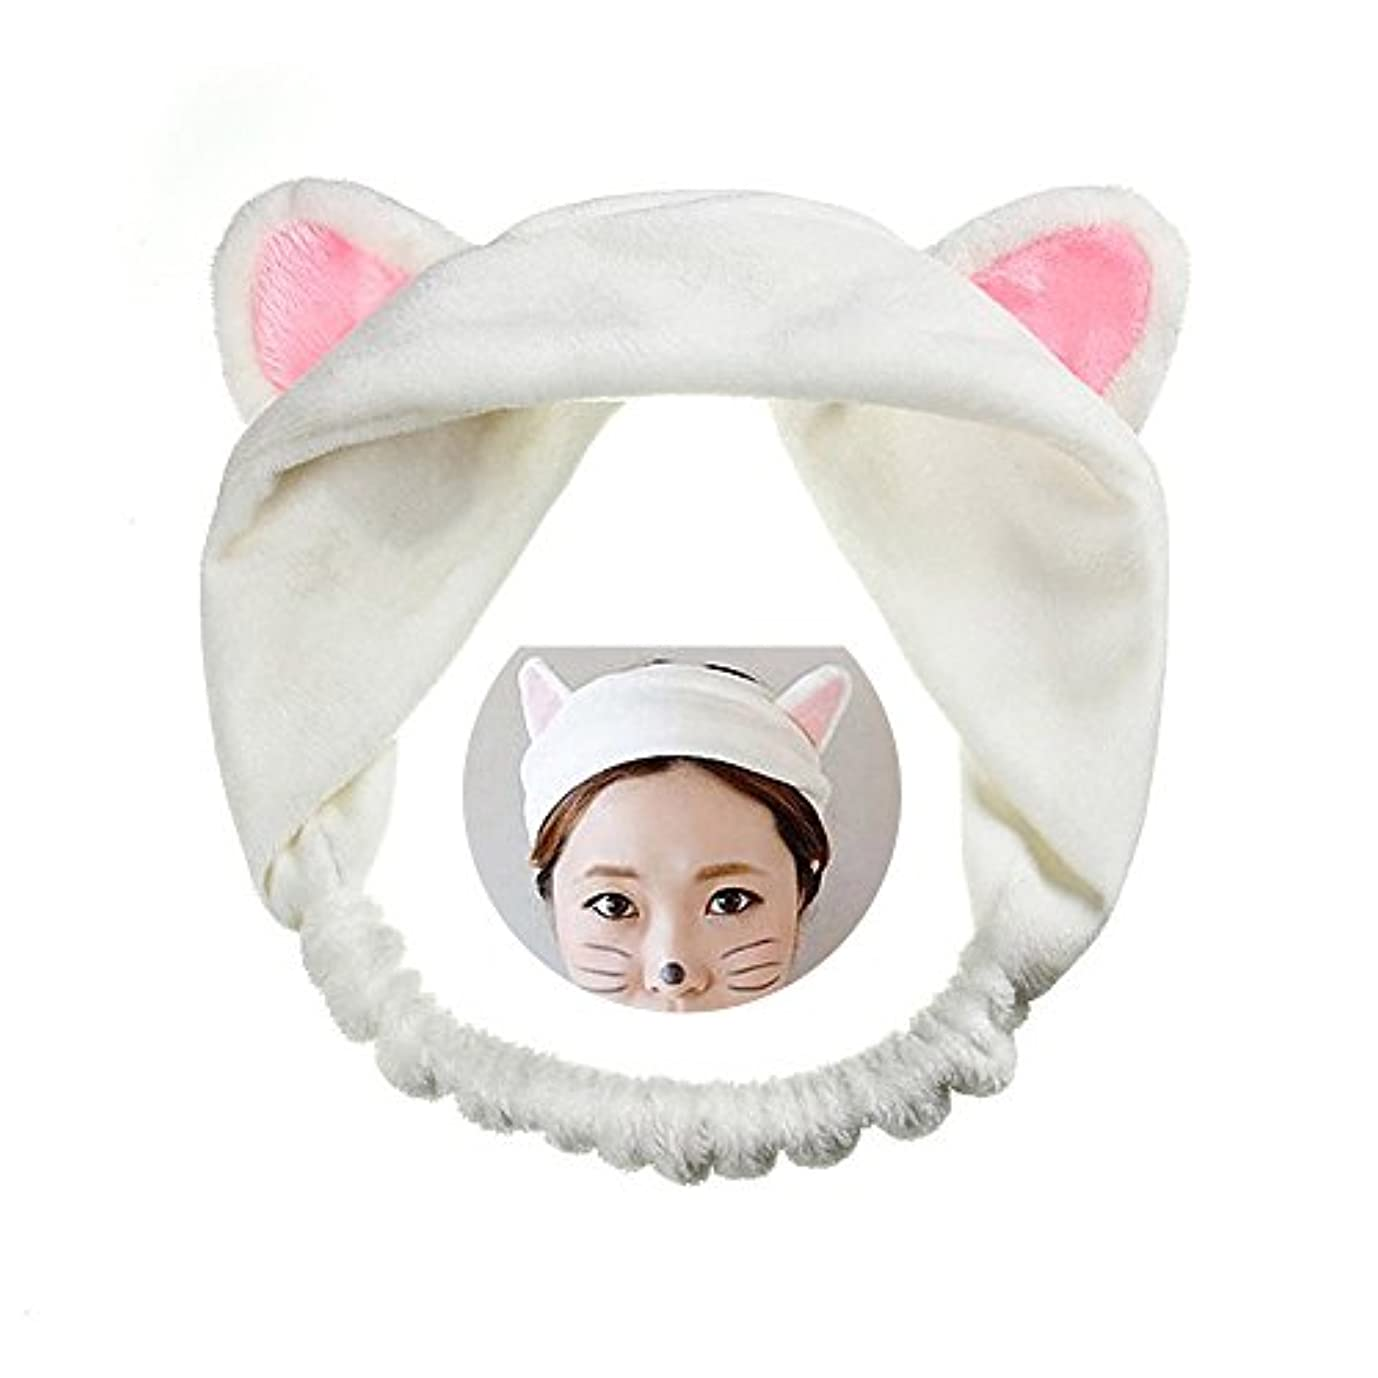 締め切り薄汚い深く可愛い 猫 耳 ヘアバンド メイク アップ フェイス マスク スポーツ カチューシャ 髪型 ホワイト